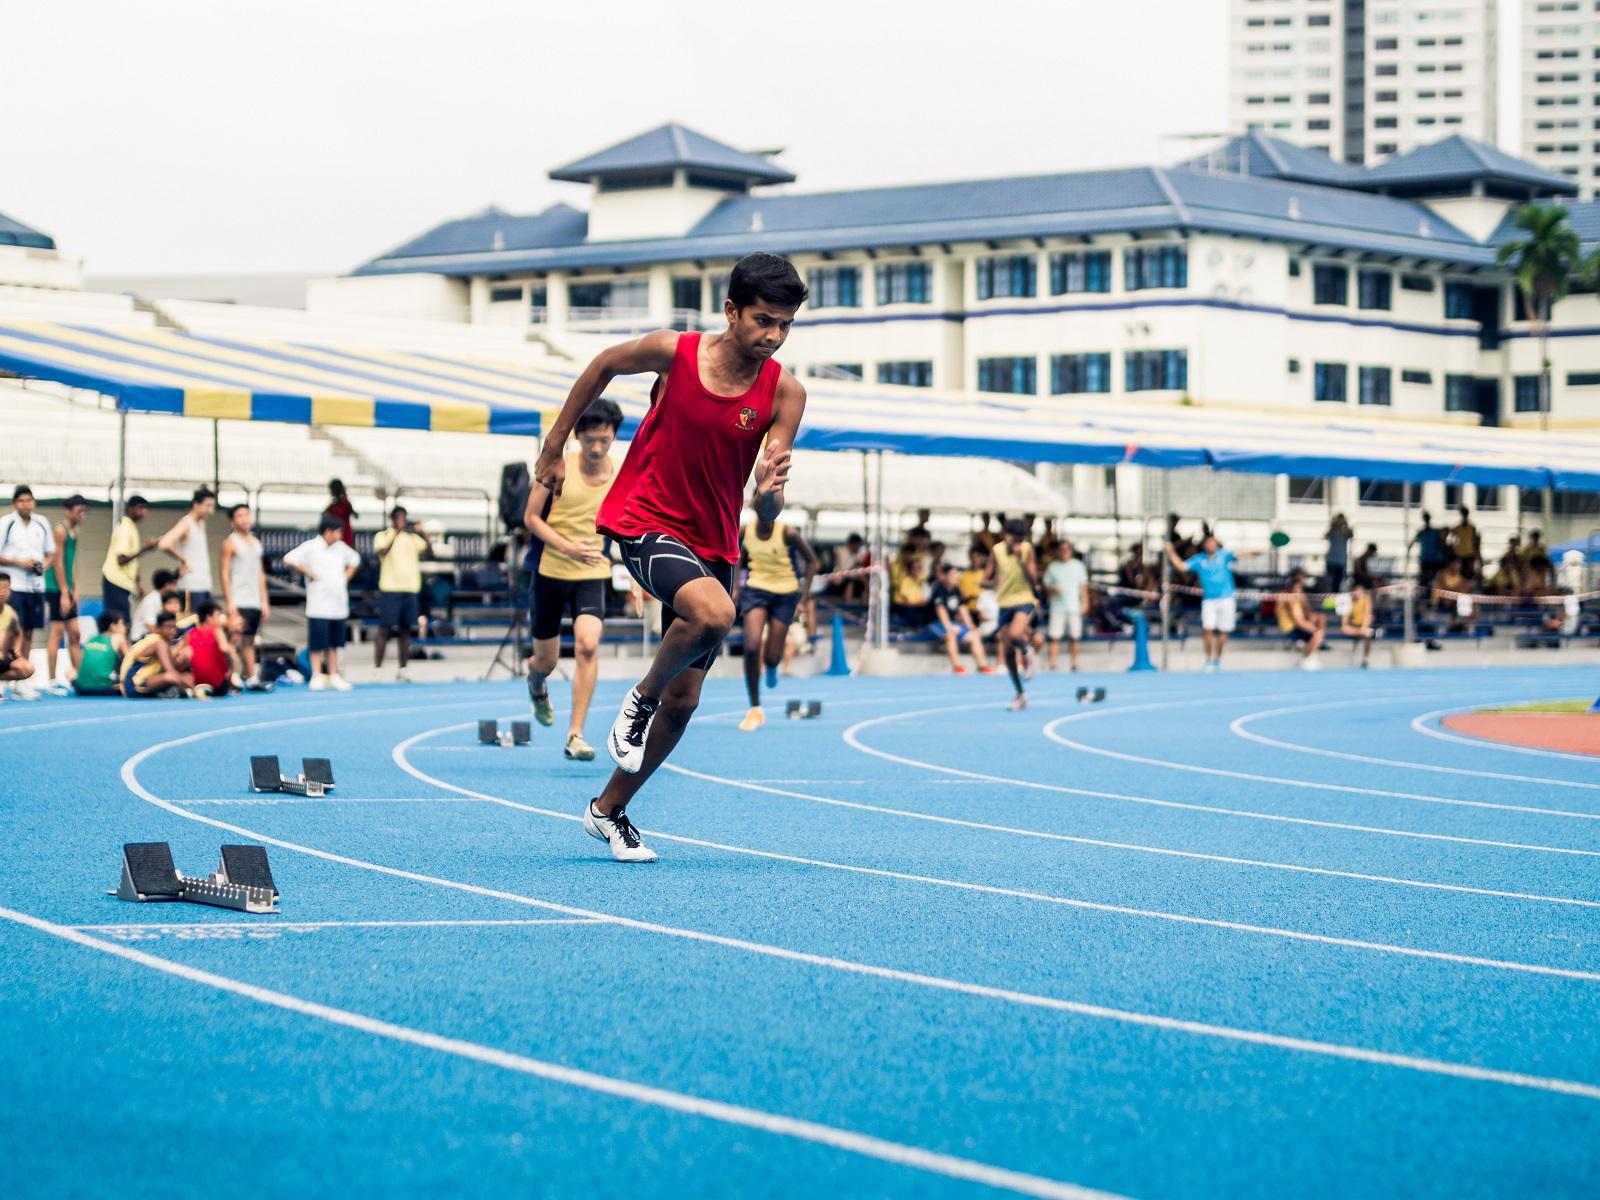 importância da memória muscular no Atletismo